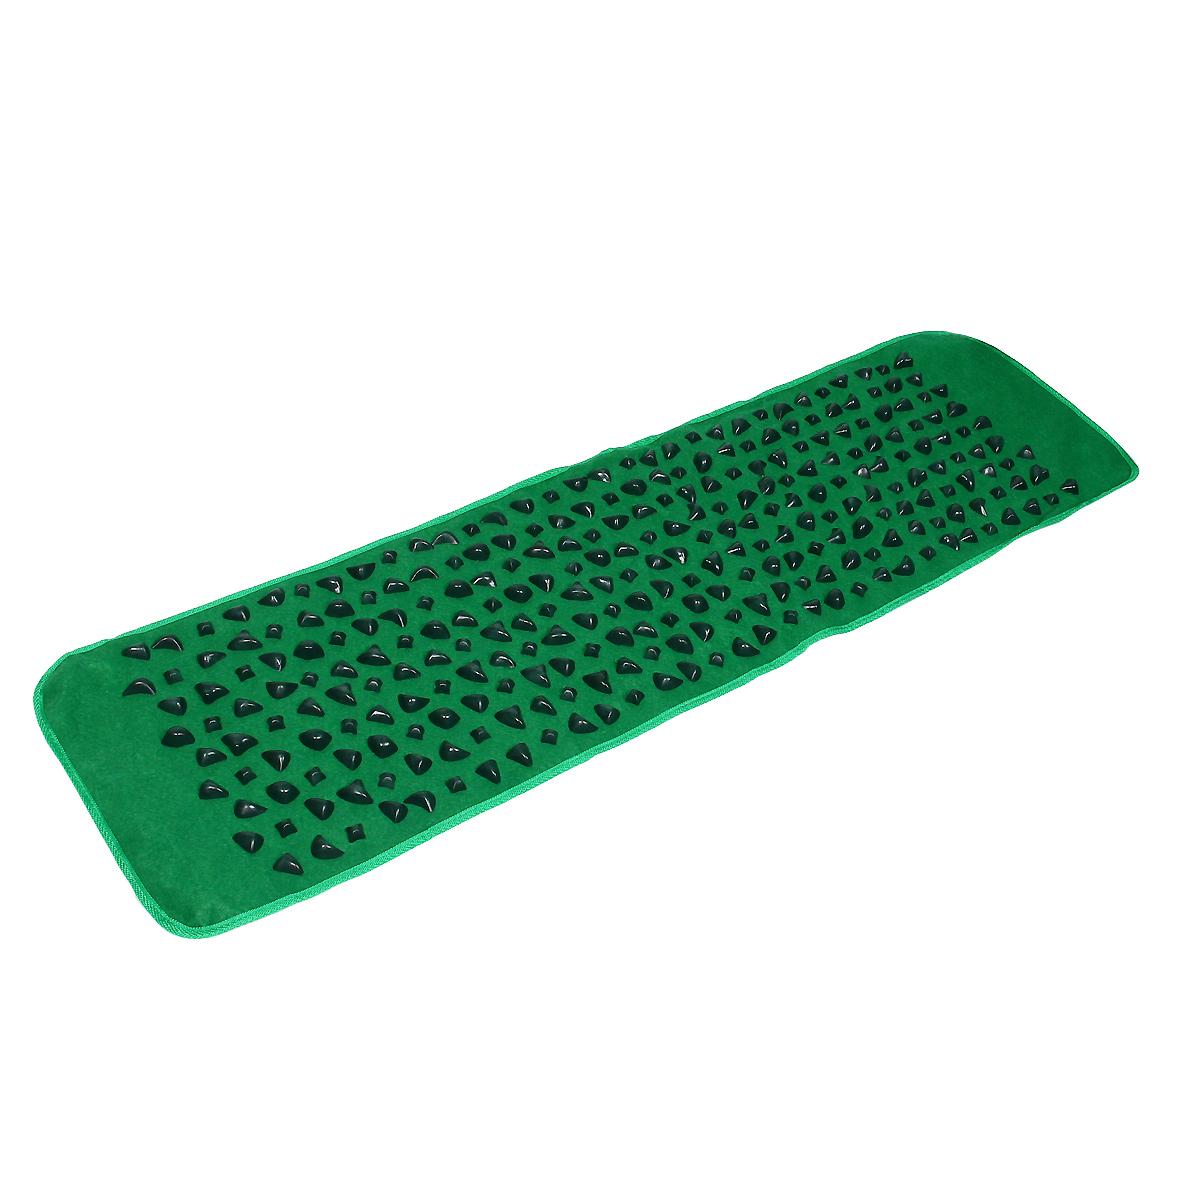 Коврик массажный Lite Weights, с камнями, цвет: зеленый, 142 х 39 х 0,2 смKBO-1014Ортопедический коврик с имитацией гальки прекрасно подходит как для лечения различных заболеваний, так и просто для расслабляющего оздоравливающего массажа стоп. Его использование рекомендовано при плоскостопии, нарушении опорно-двигательной функции стопы, ассиметричной и аритмичной ходьбе, деформациях стопы после хирургического вмешательства и т.д. Коврик изготовлен из безопасных материалов и выполнен в виде дорожки с имитацией морской гальки, поэтому его использование не только полезно, но и приятно радует глаз!